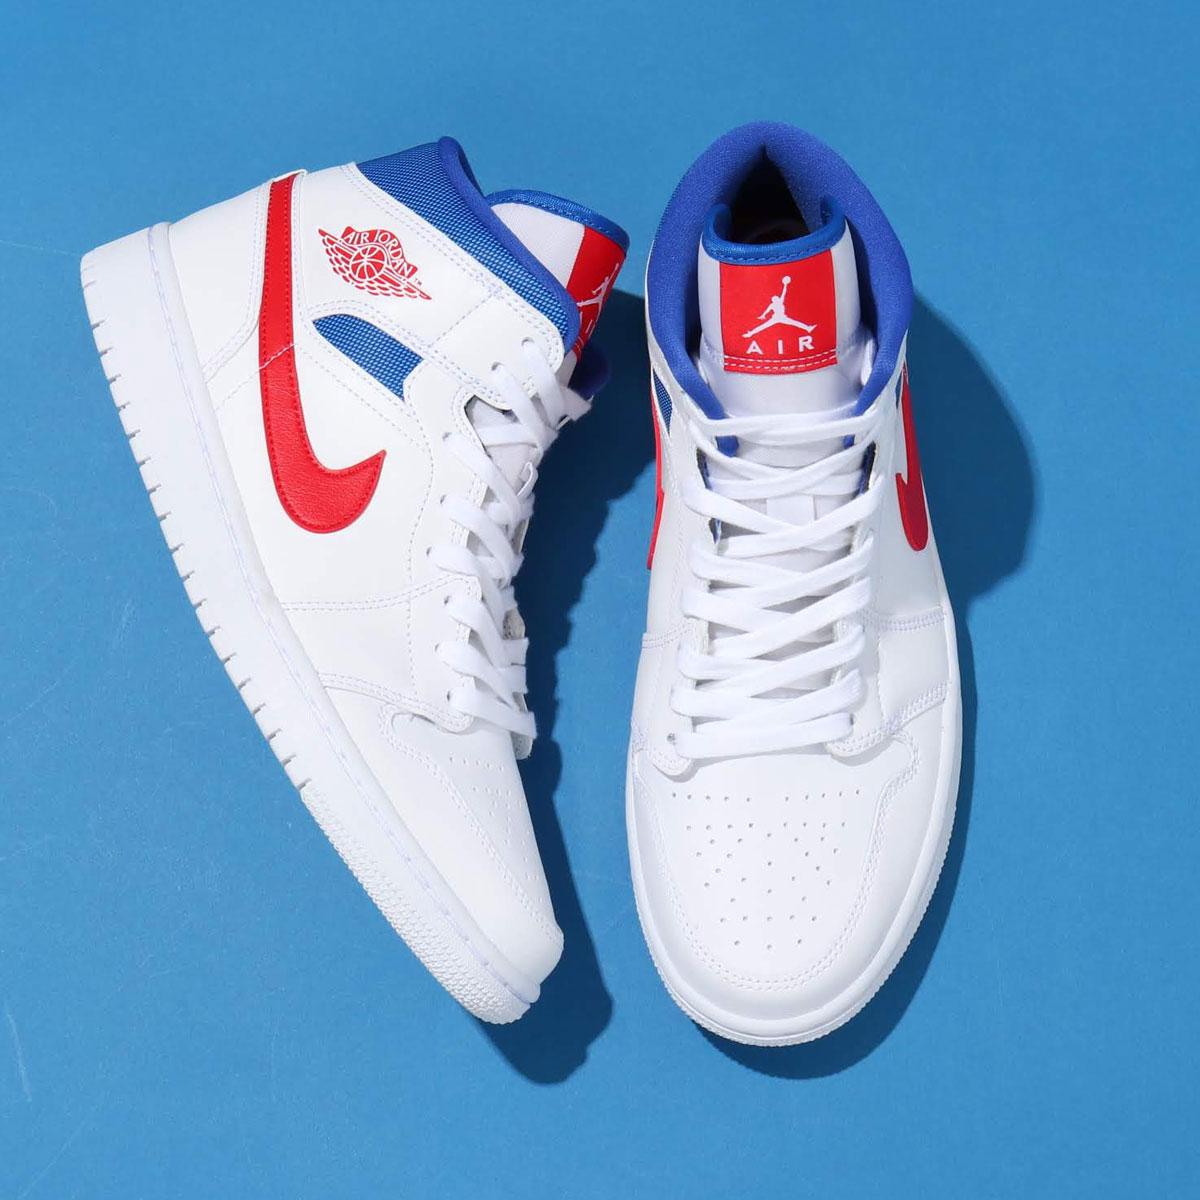 メンズ靴, スニーカー JORDAN BRAND WMNS AIR JORDAN 1 MID( 1 MID)WHITEUNIVERSITY RED-GAME ROYAL 20SU-S